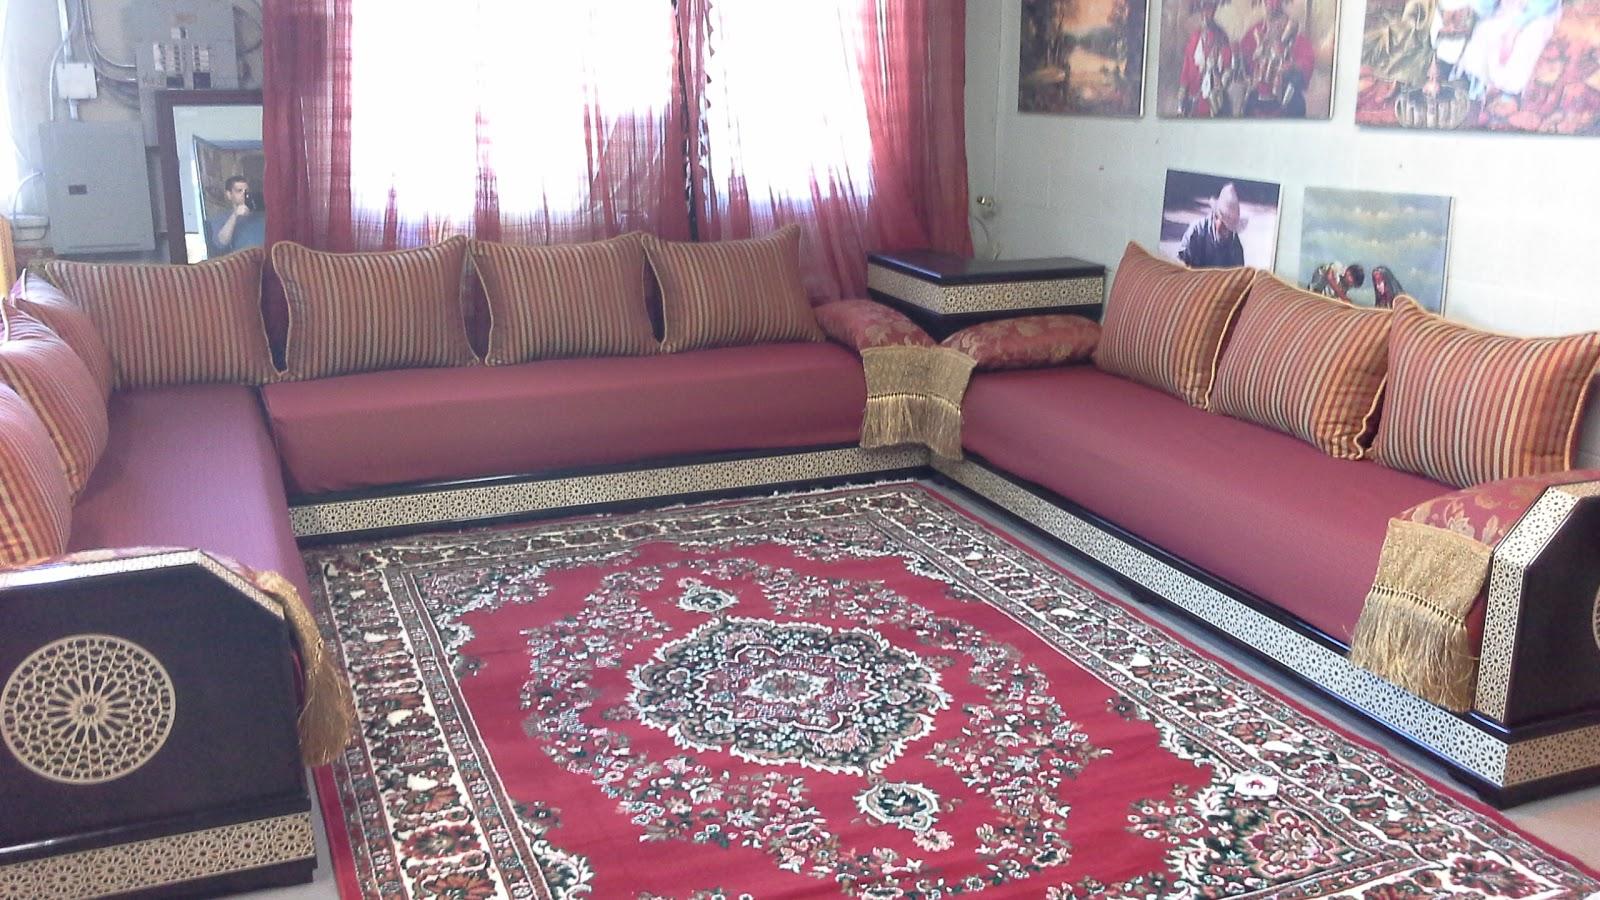 salon marocain f vrier 2015. Black Bedroom Furniture Sets. Home Design Ideas